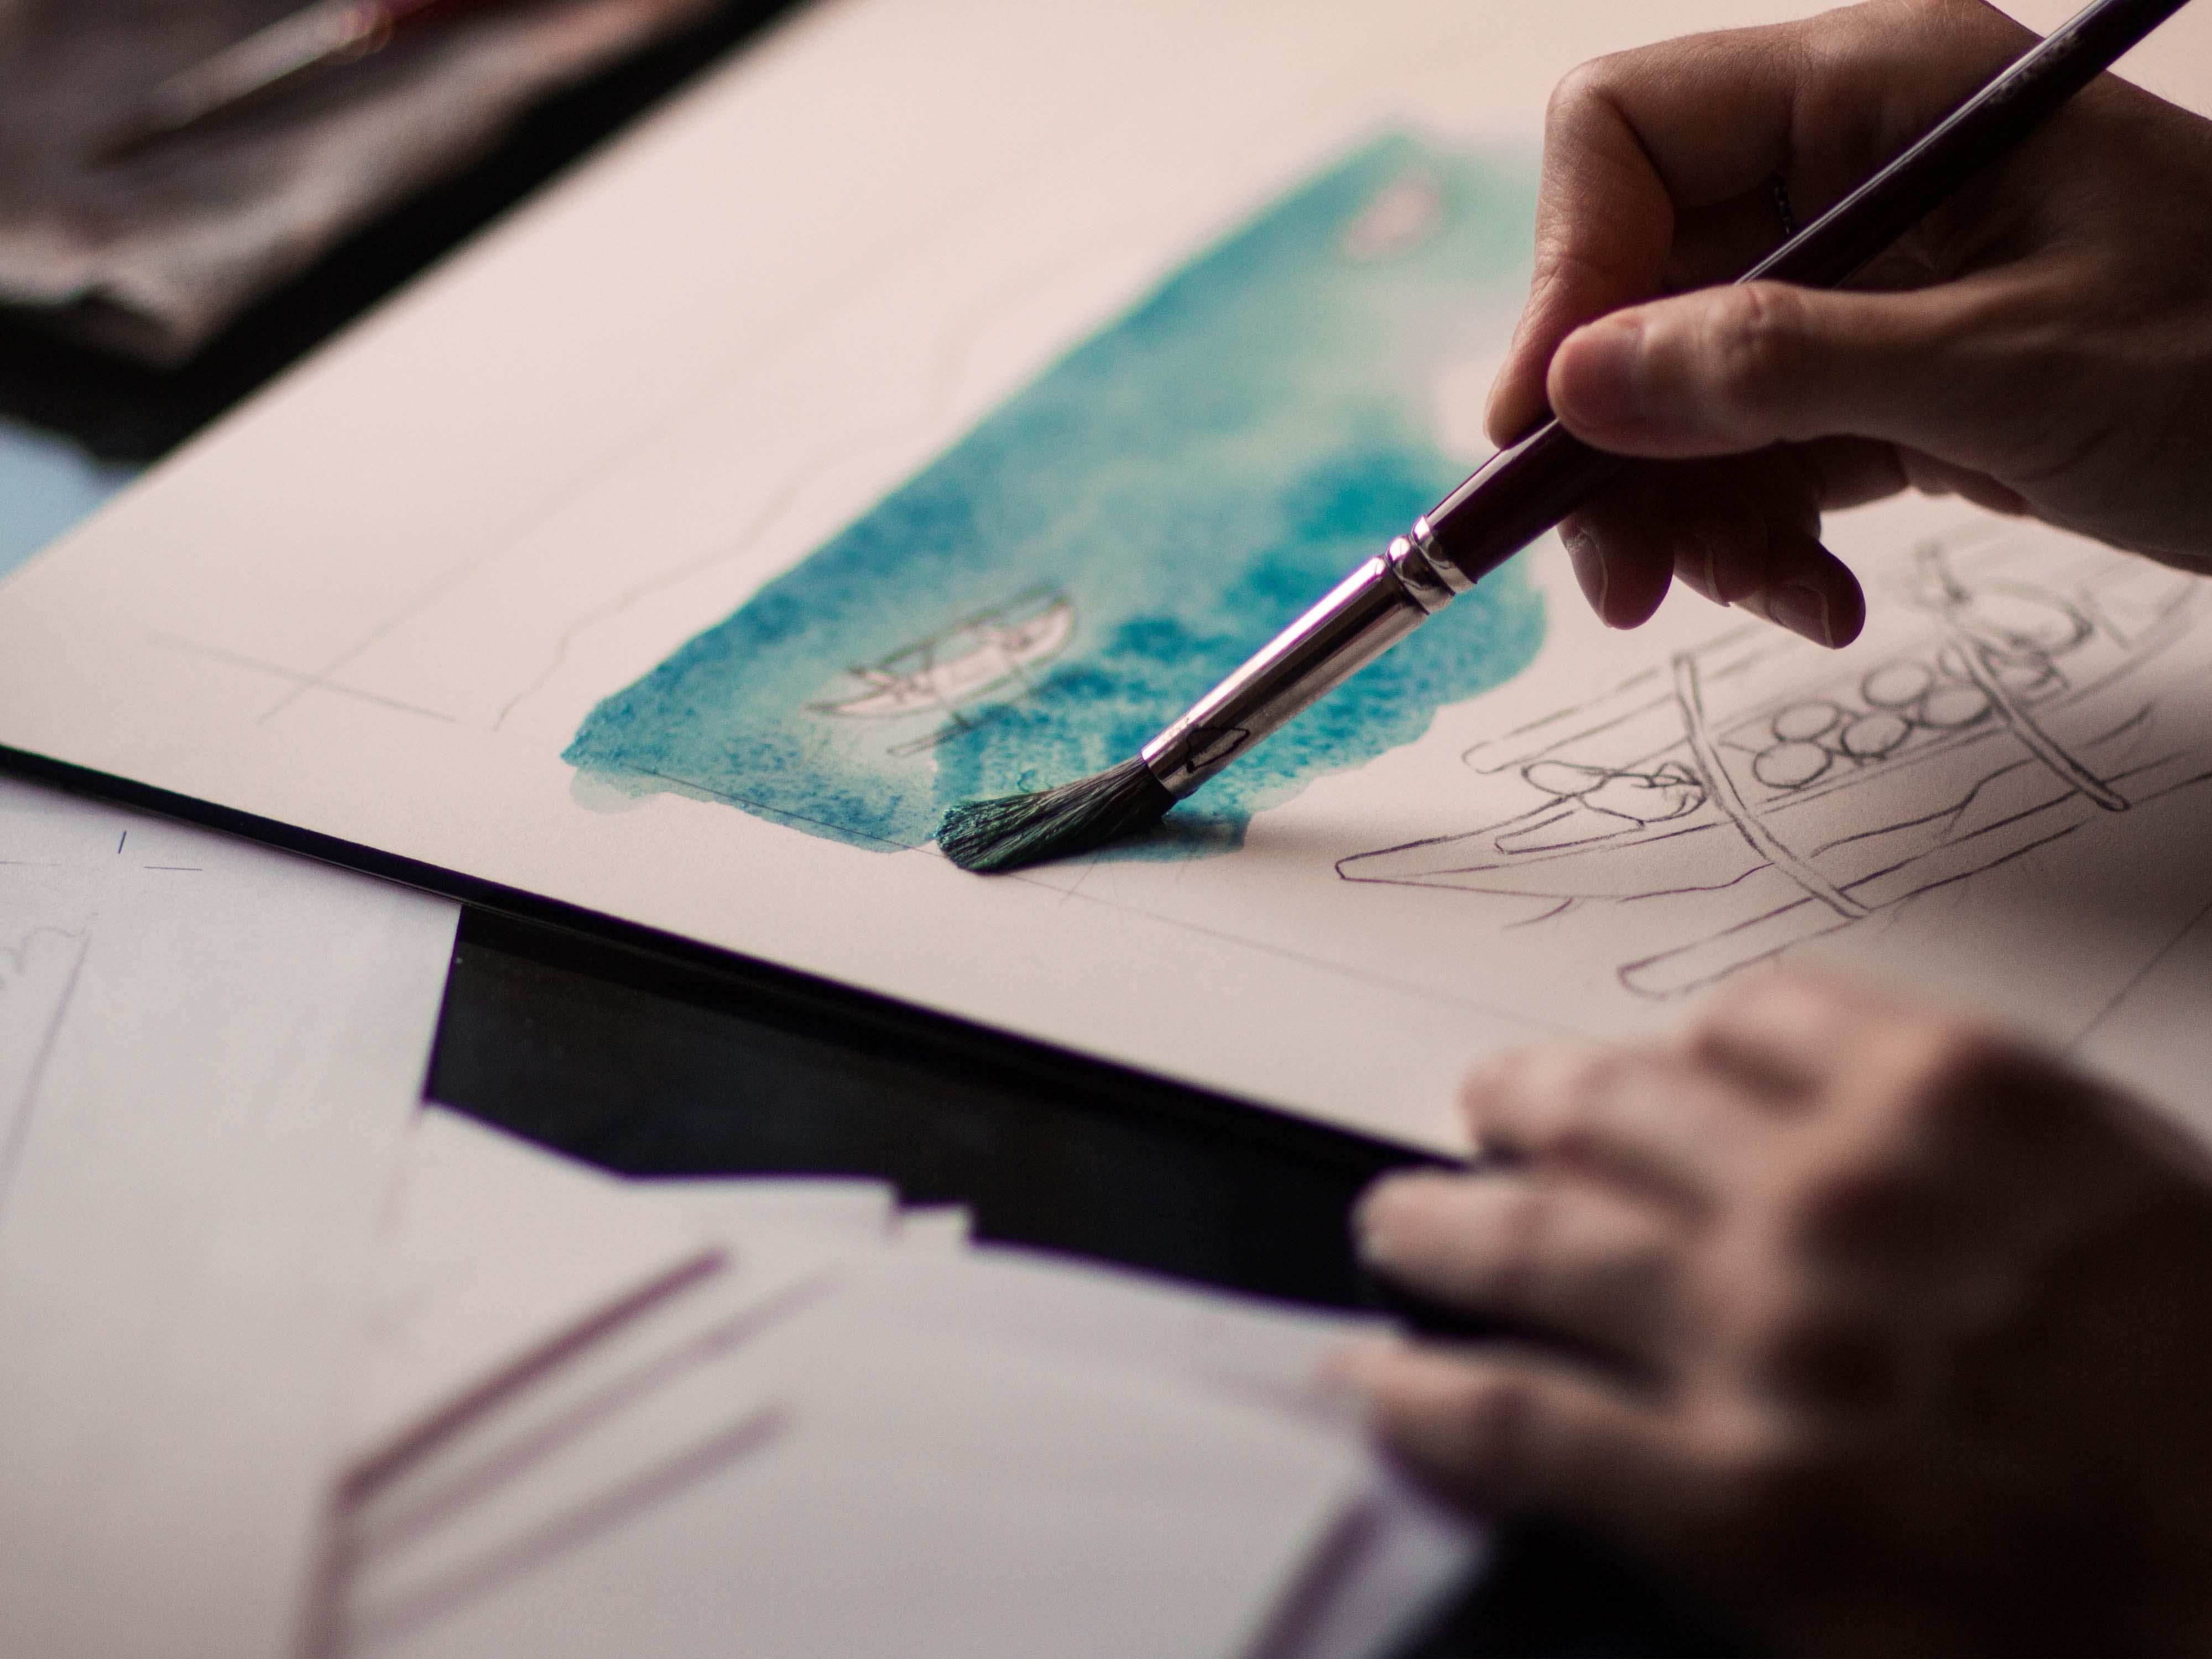 wizualizacja ręczna